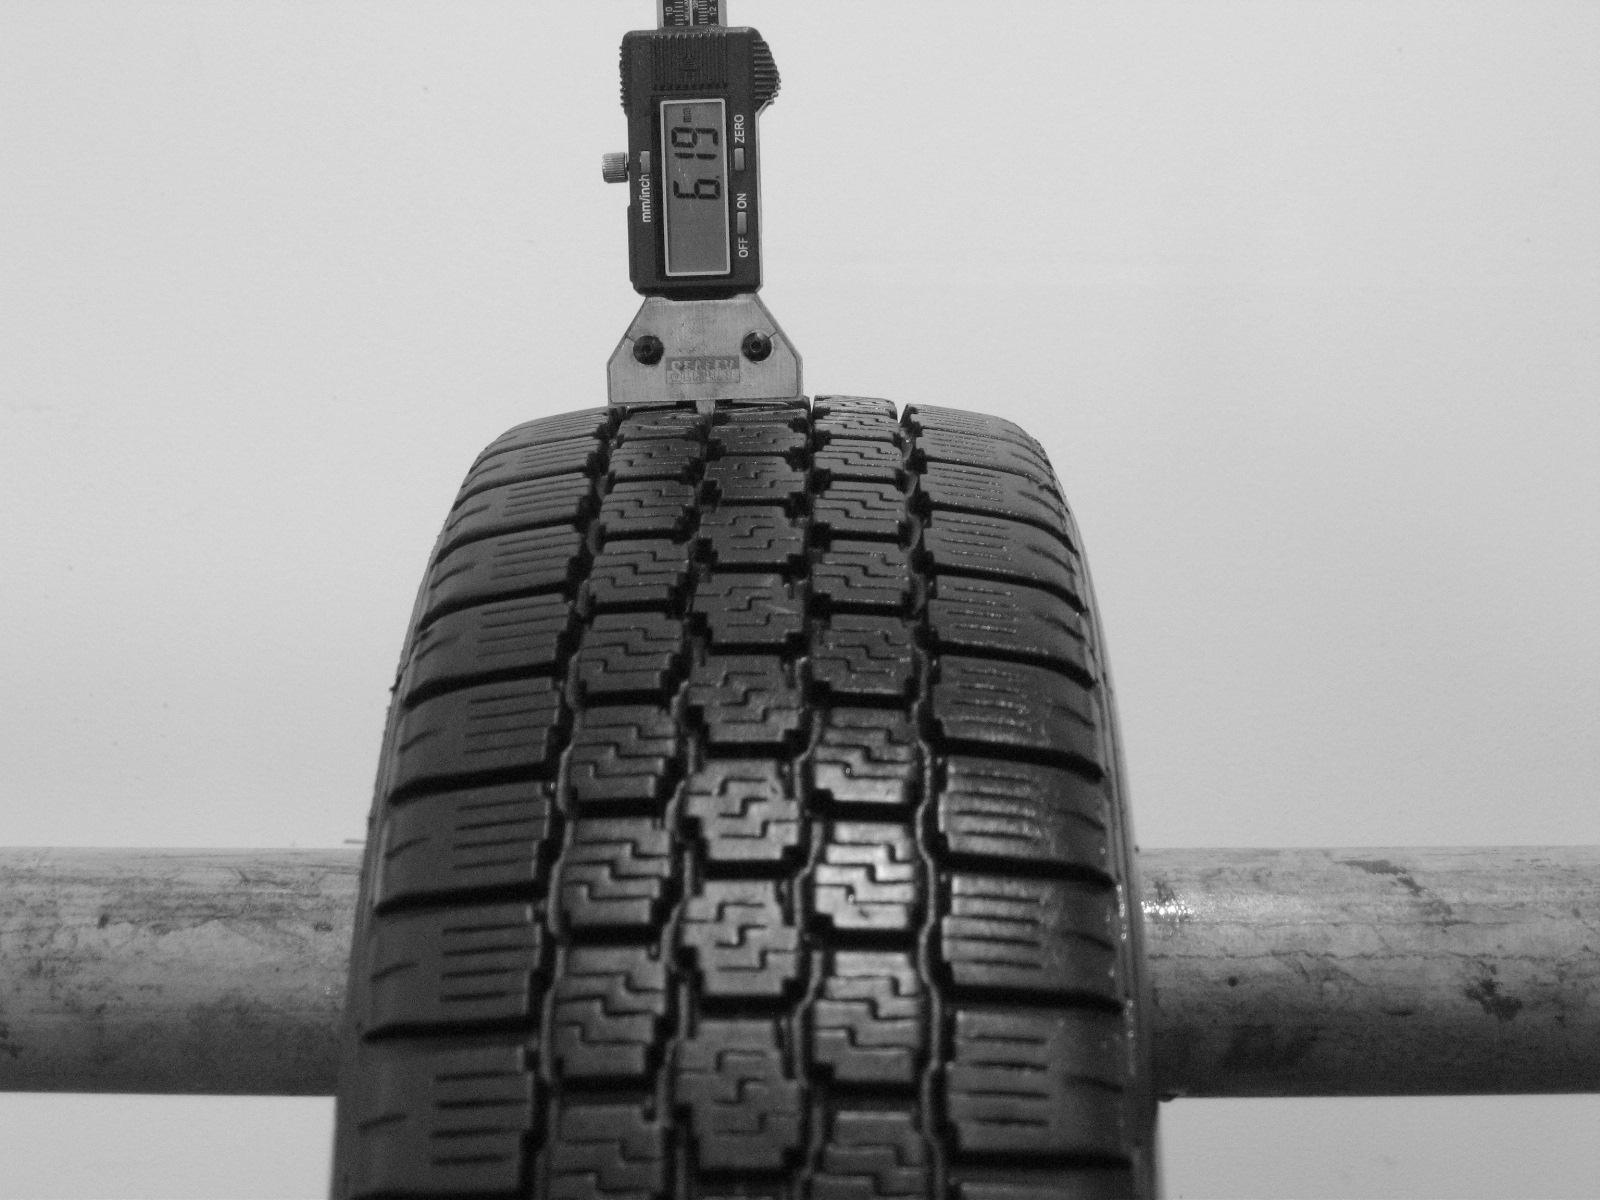 Použité-Pneu-Bazar - 155/70 R13 LASSA SNOWAYS 70-kusovka-rezerva 3mm